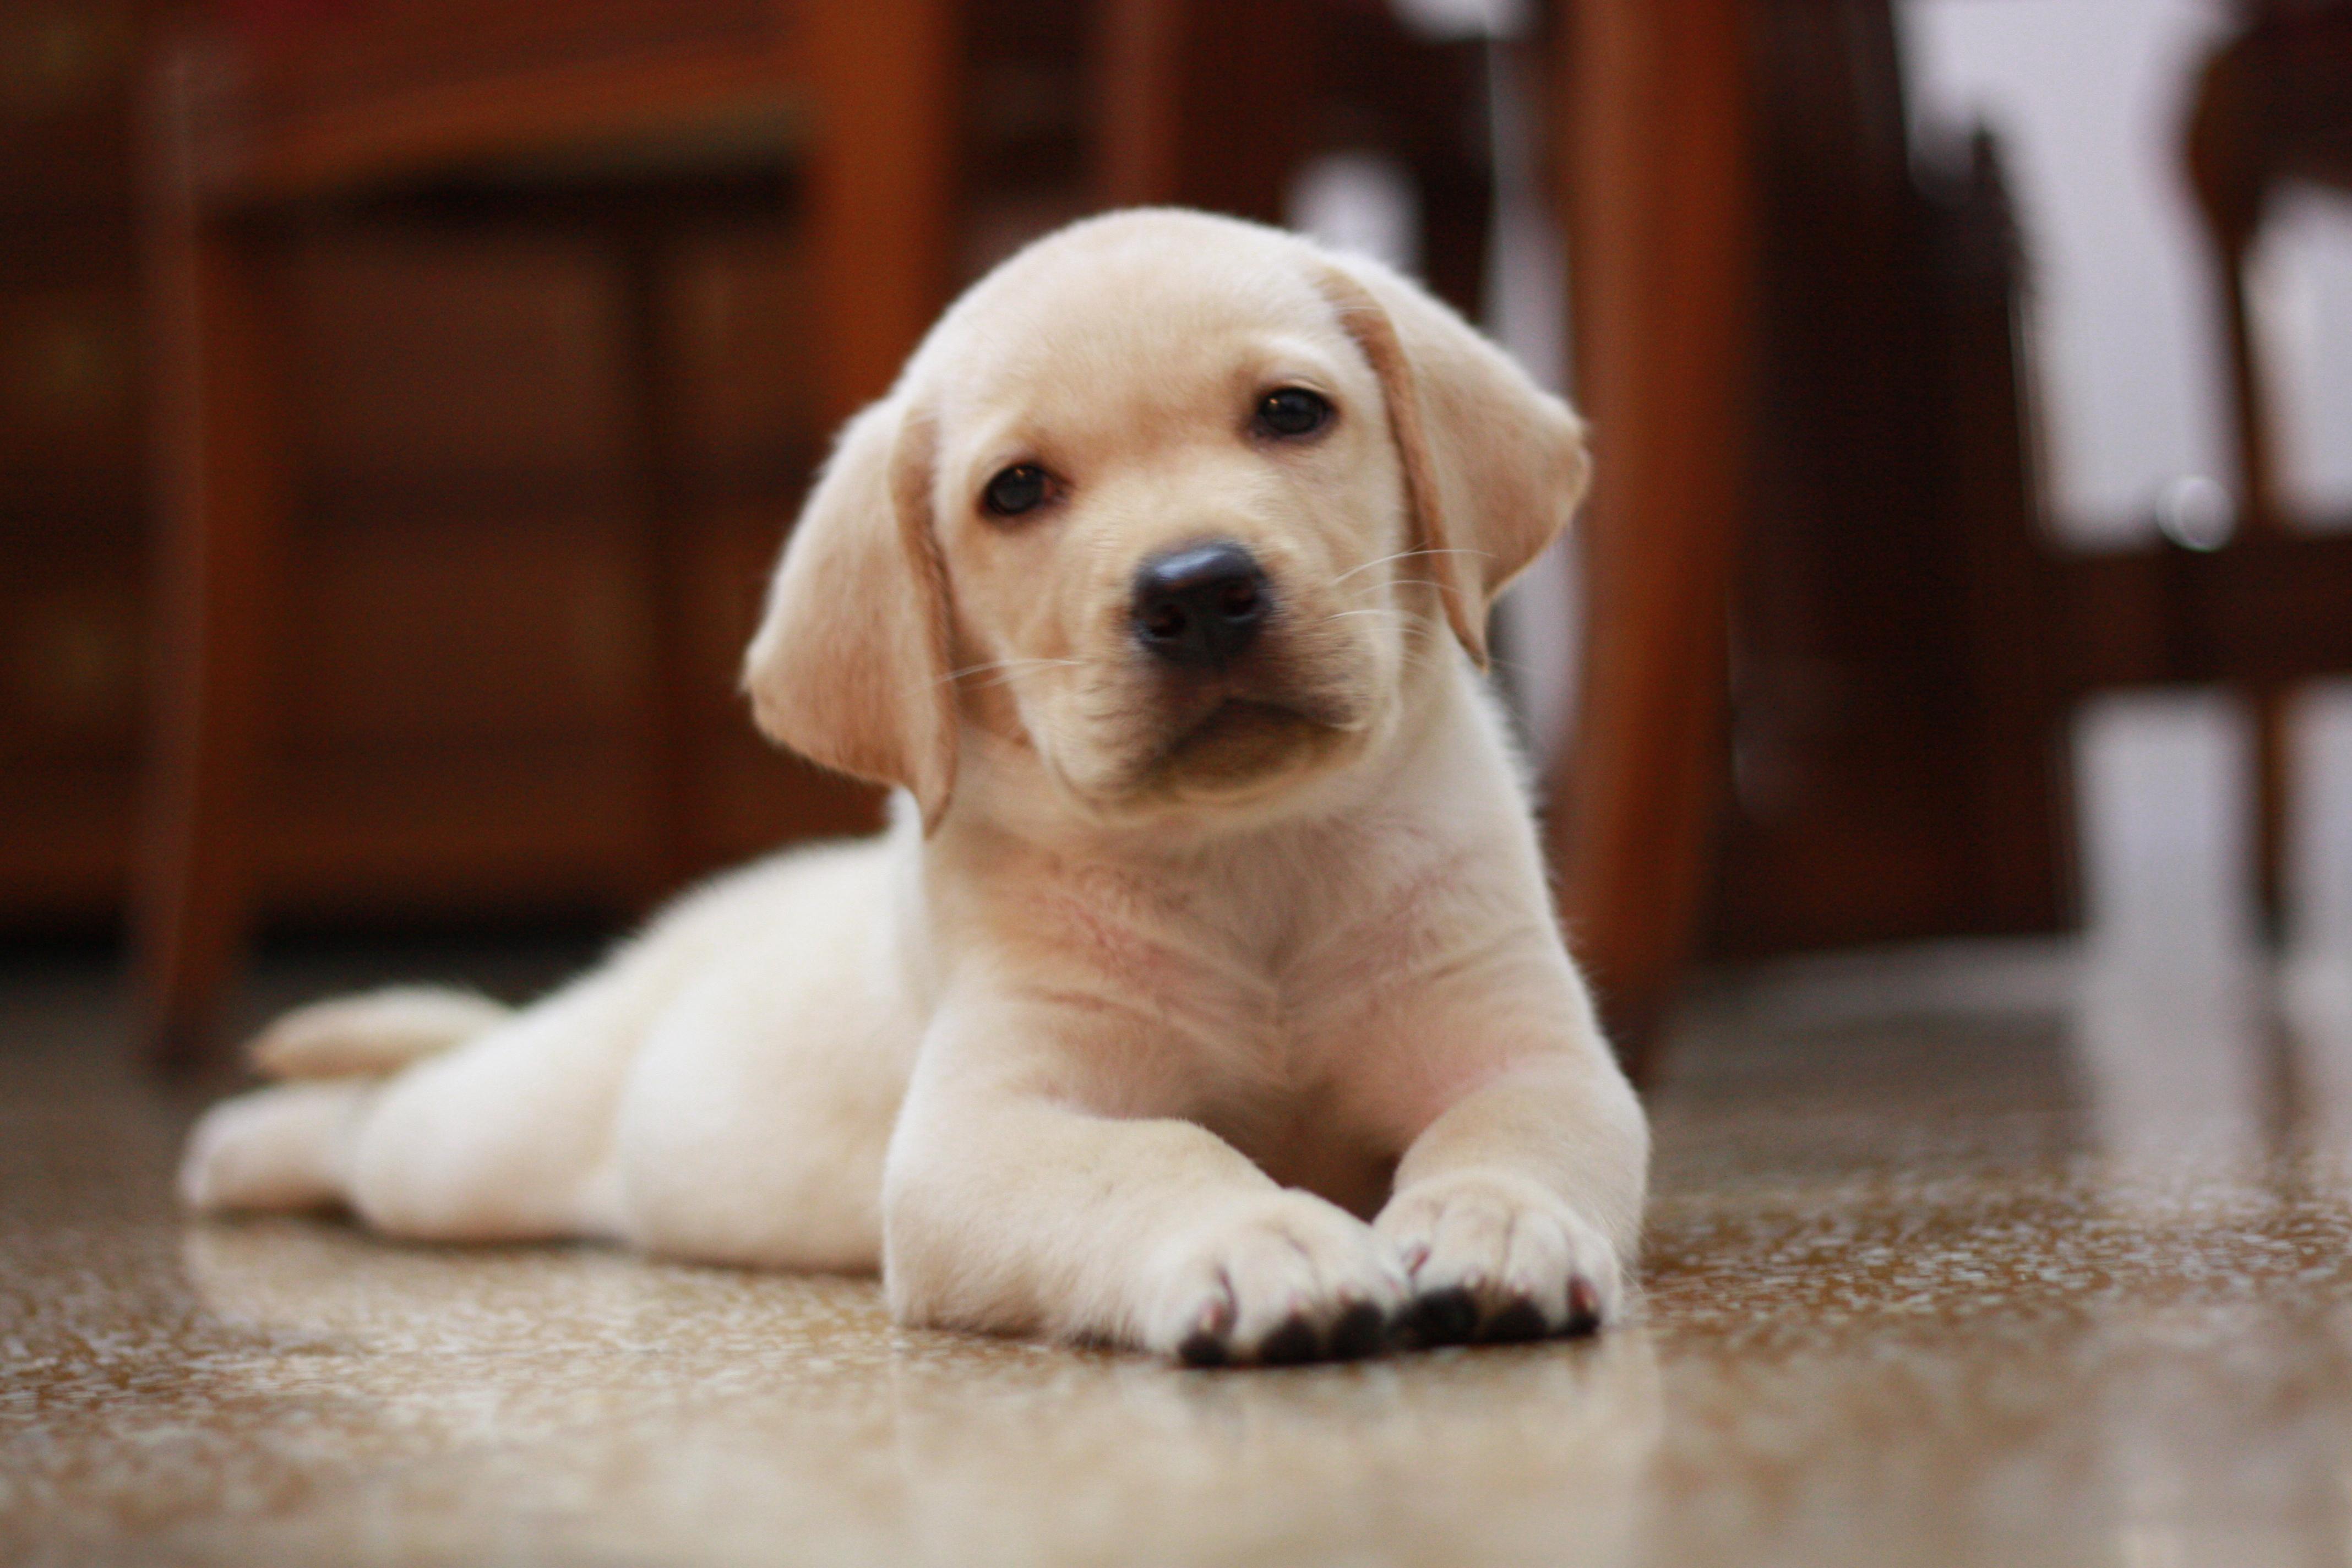 Paw Print Genetics - Understanding complex inherited diseases in your dog